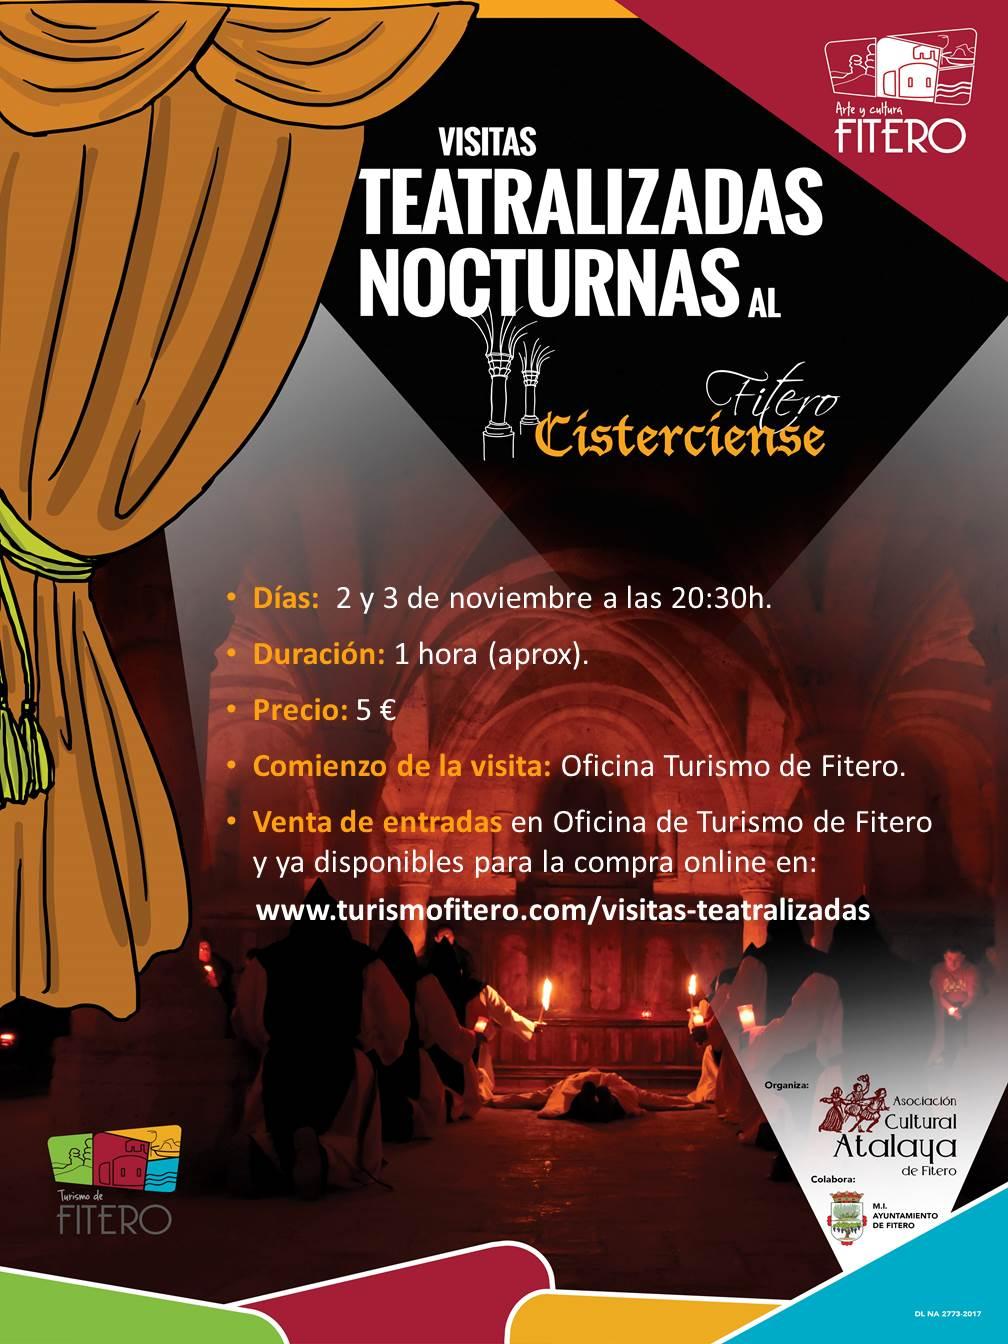 Visita Teatralizada Nocturna al Fitero Cisterciense 2 y 3 de noviembre